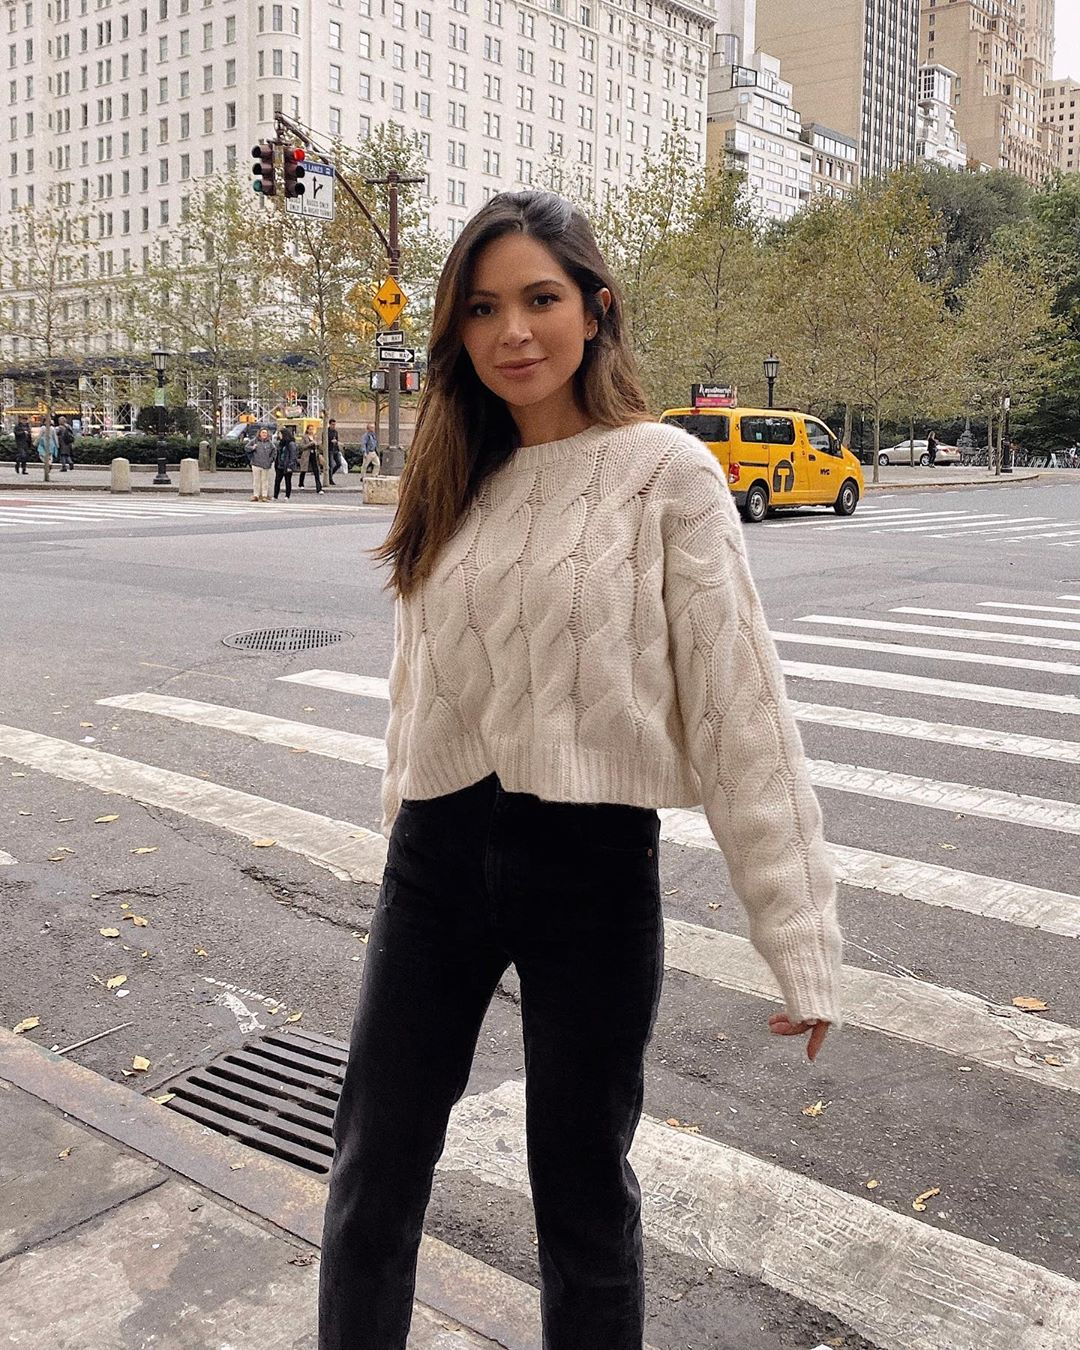 Fall Fashion 2019